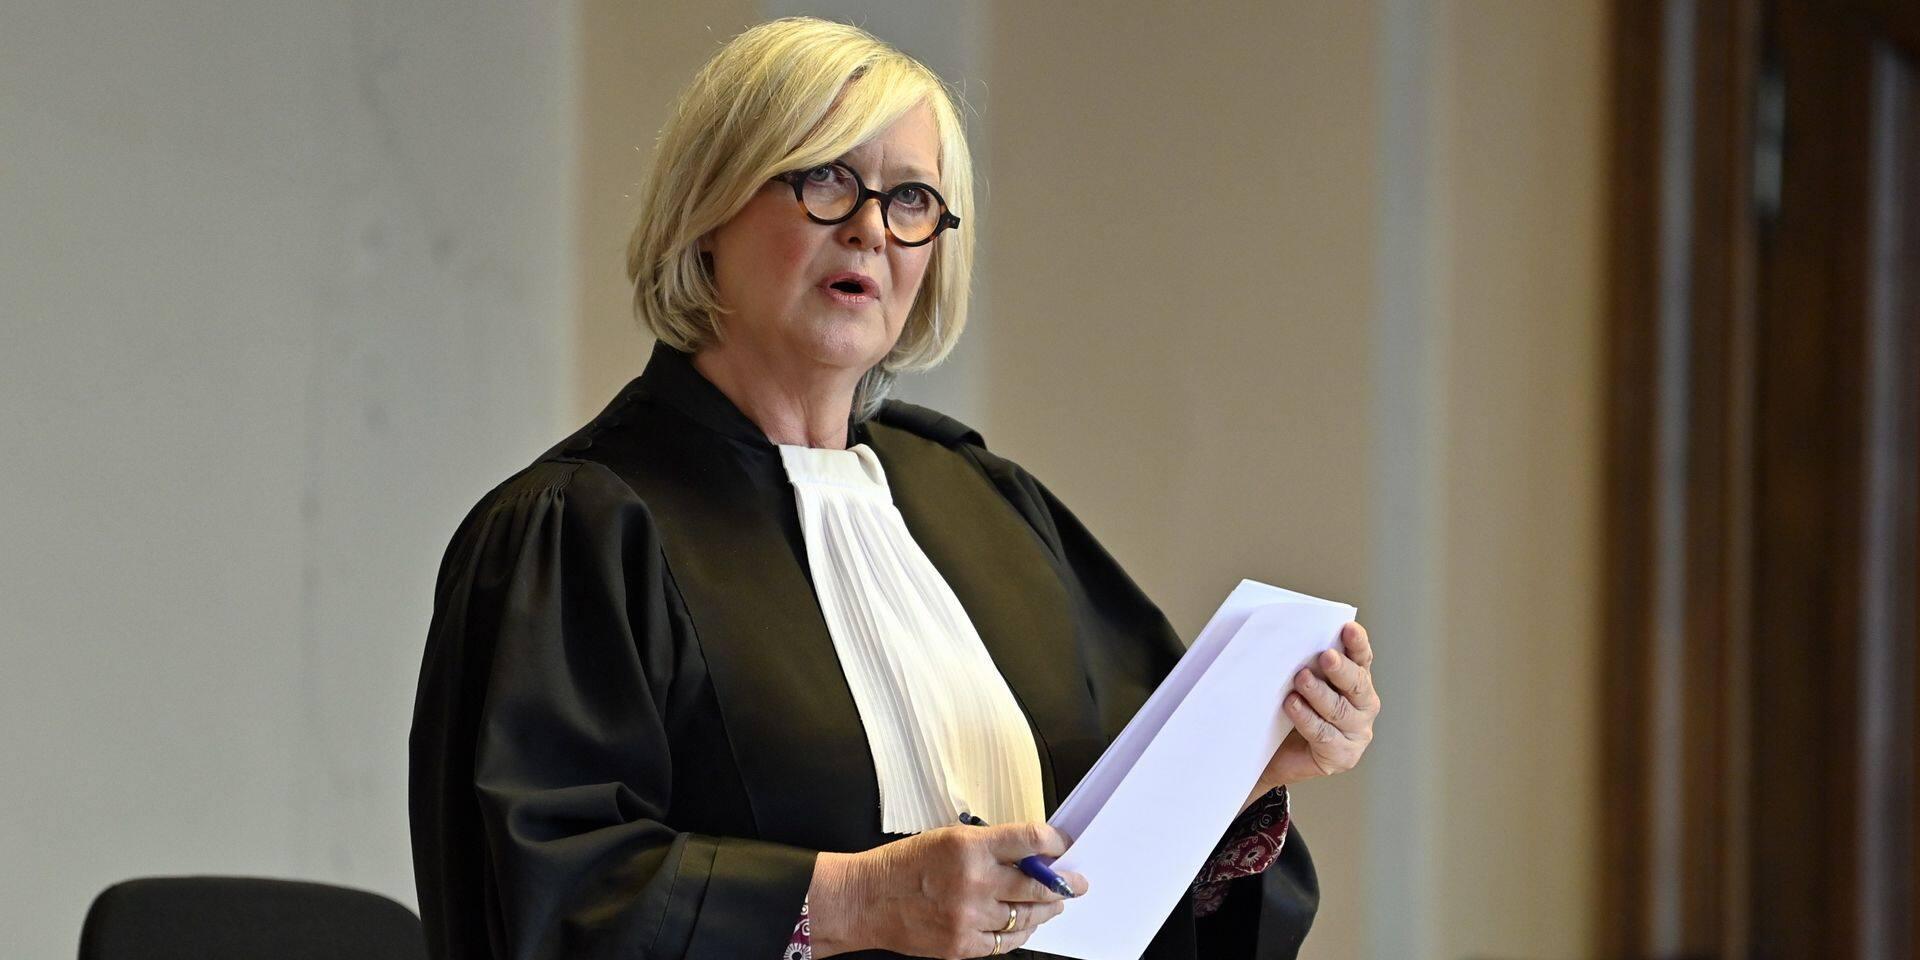 Assises de Namur : l'avocat général requiert 25 ans de prison à l'encontre de Lonnie Meunier